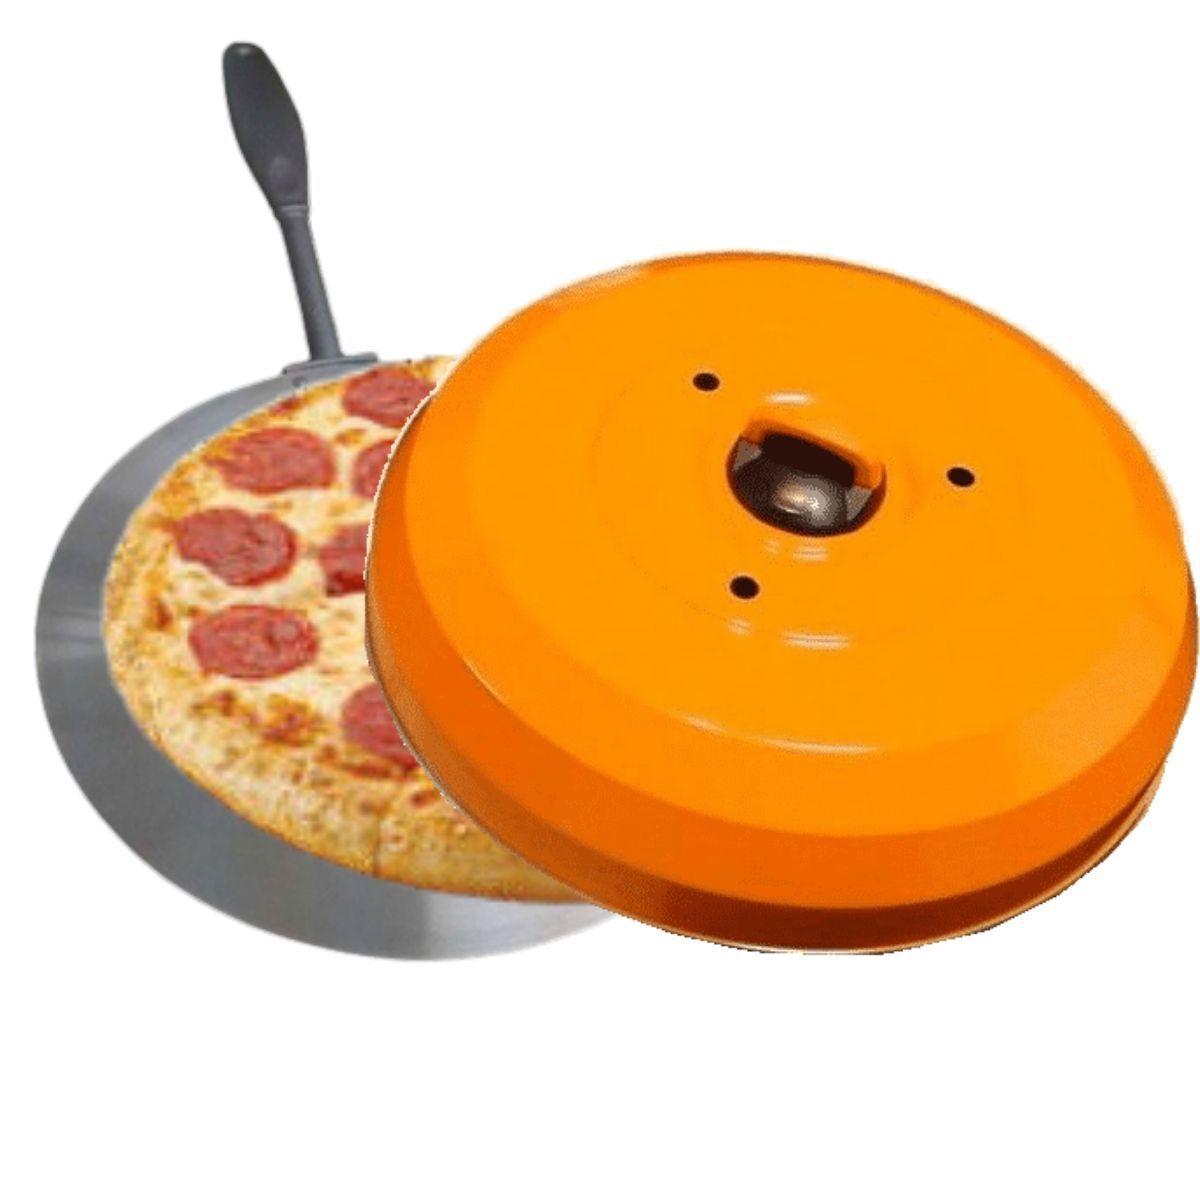 Kit Com Abafador De pizza E Churrasco Laranja E Pá De Pizza Profissional Cabo Reforçado E Longo